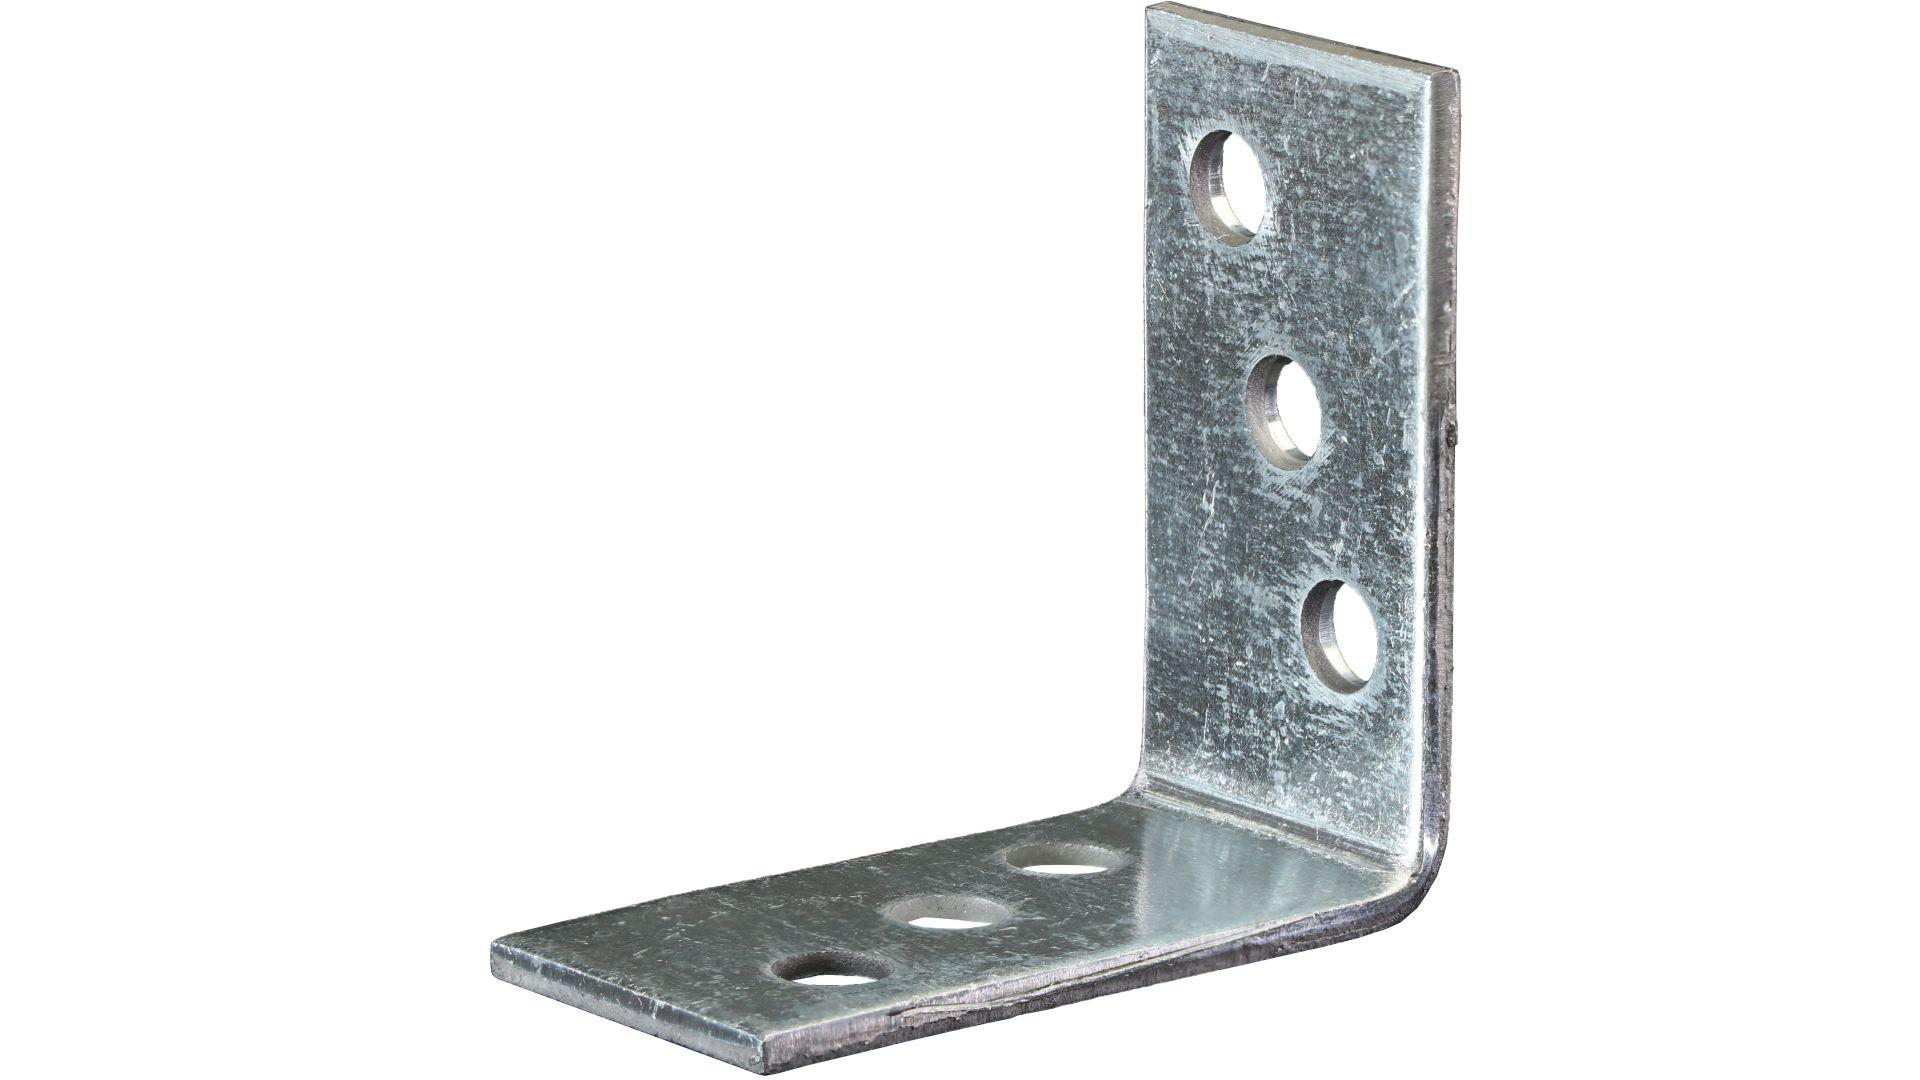 GAH Winkelverbinder, Lochplattenwinkel, sendzimirverzinkt, 40 x 40 x 20 mm, Stärke: 2 mm